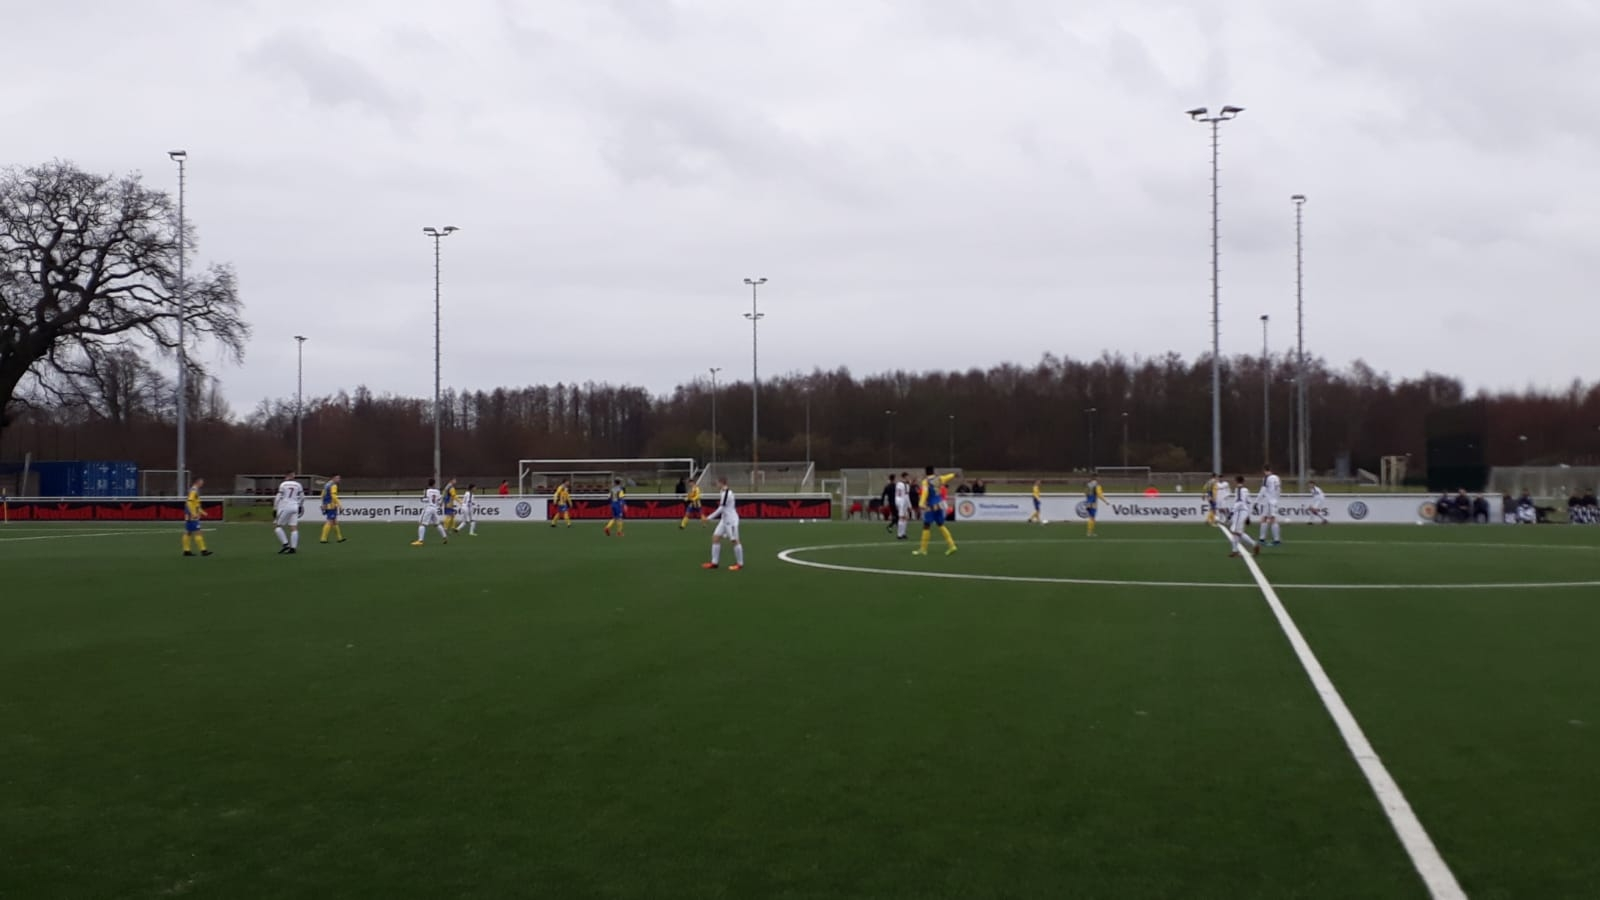 Eintracht Braunschweig - U15